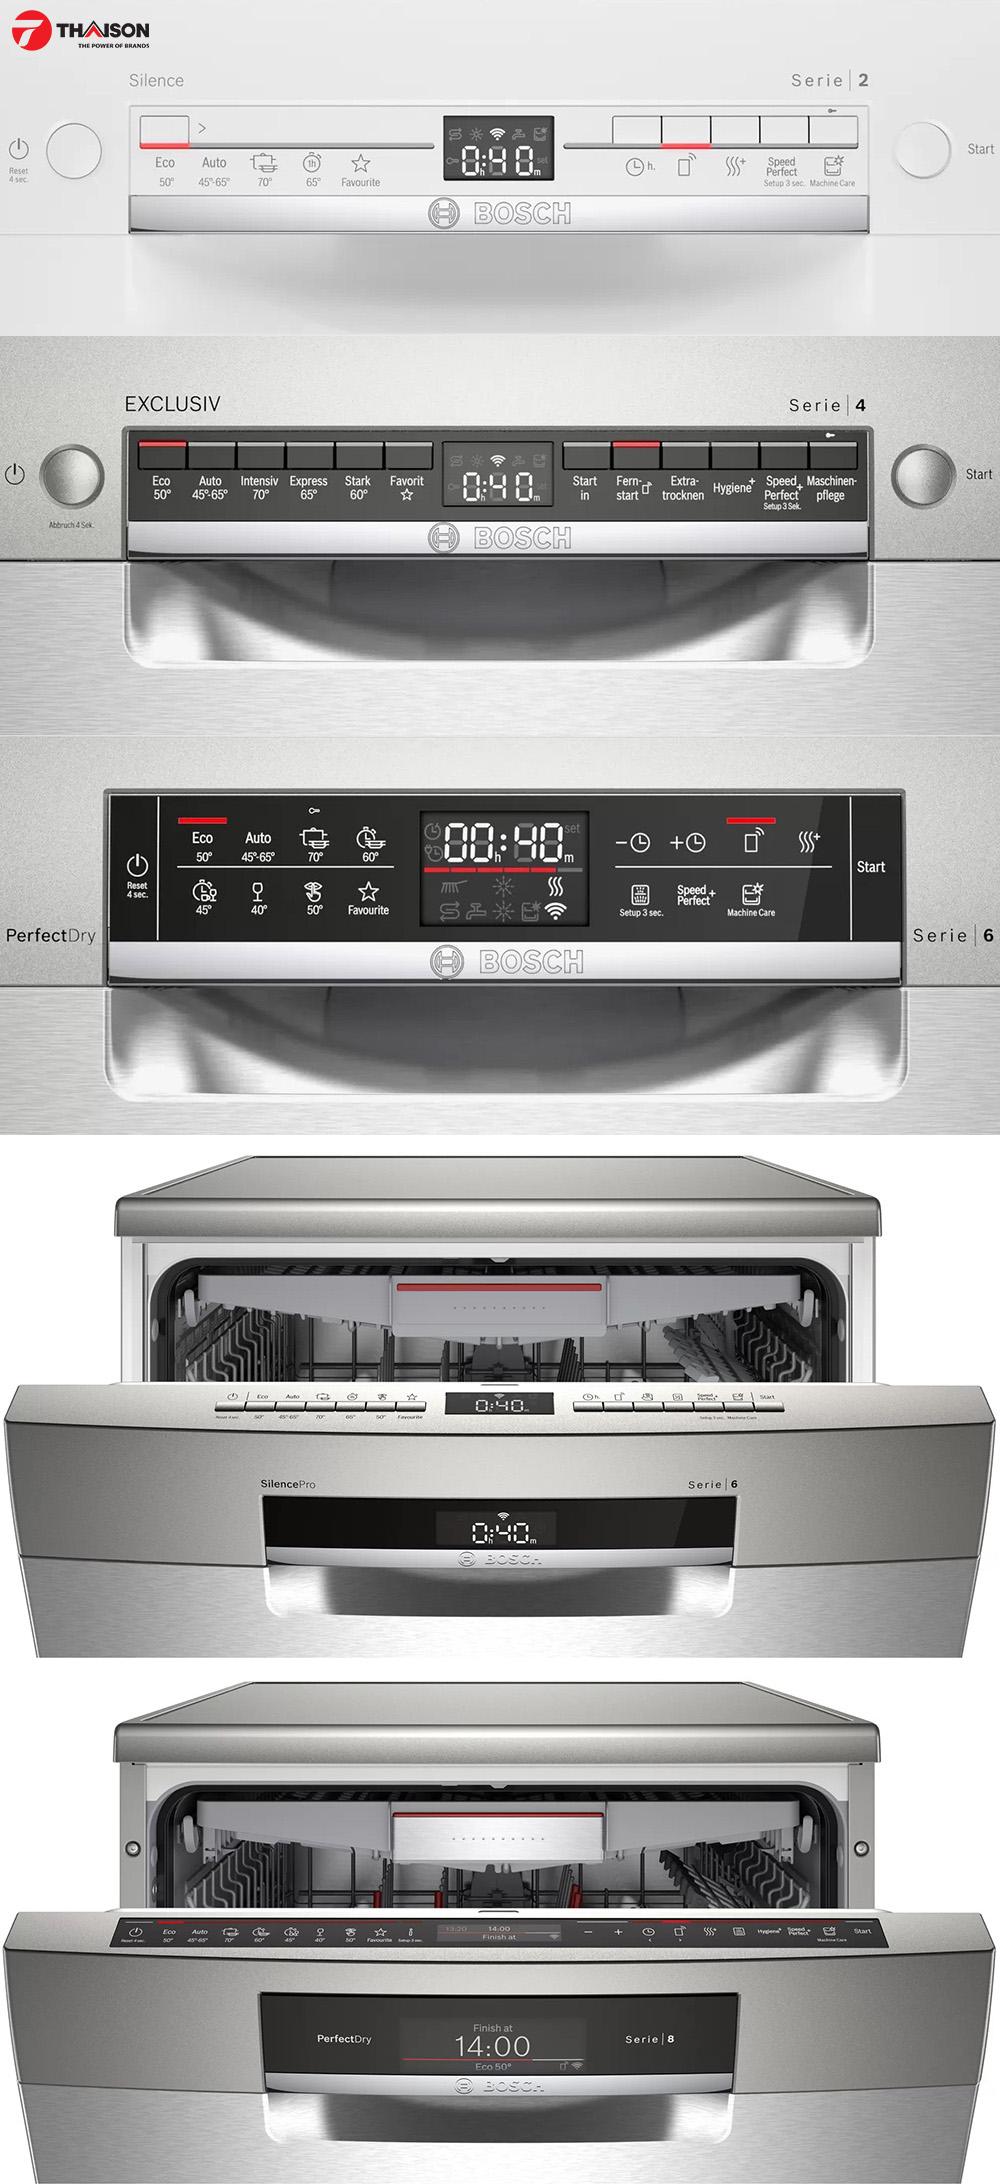 Bảng điều khiển máy rửa bát Bosch model 2021.